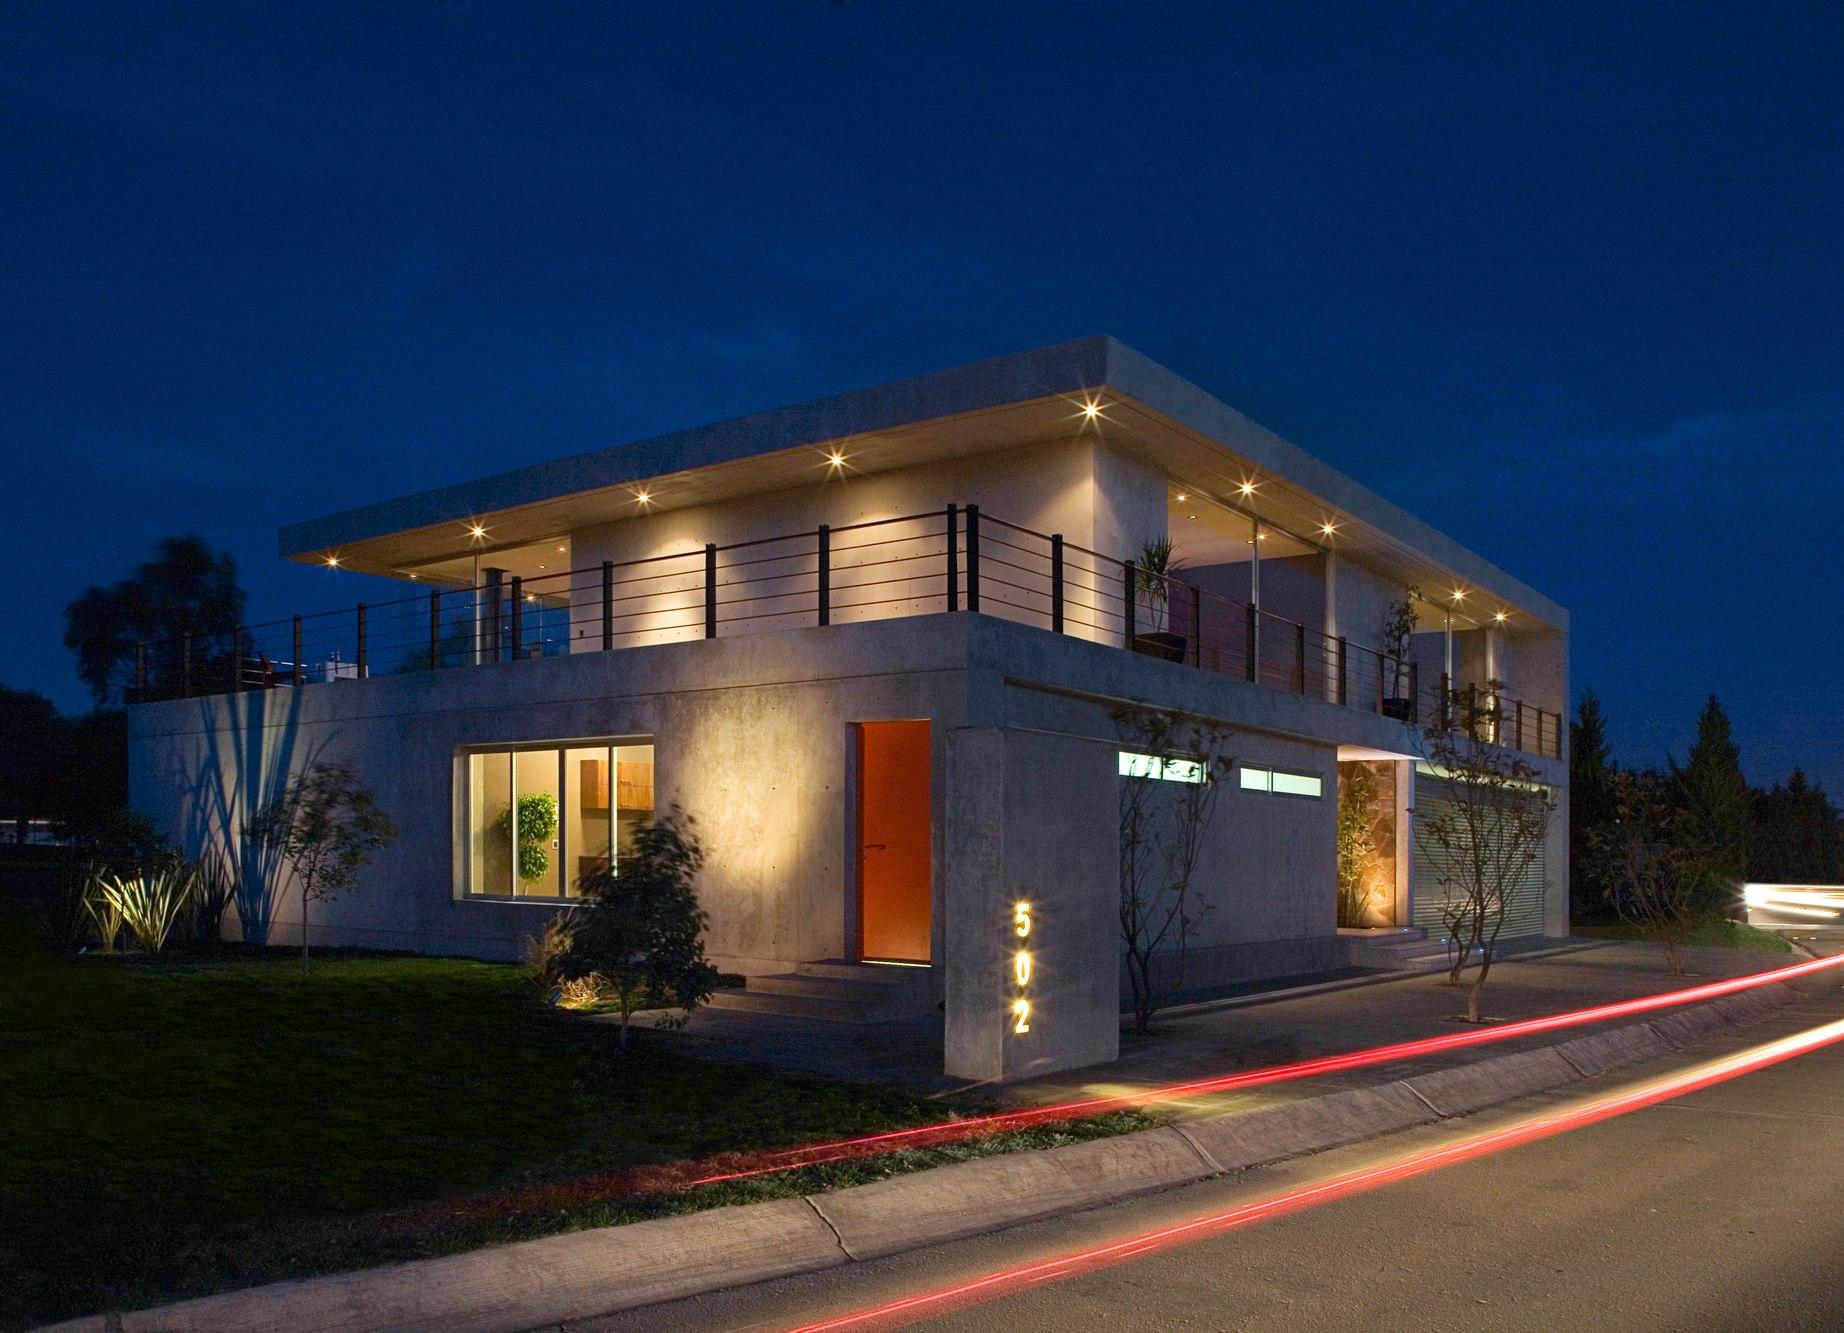 Iluminacion exterior mexico